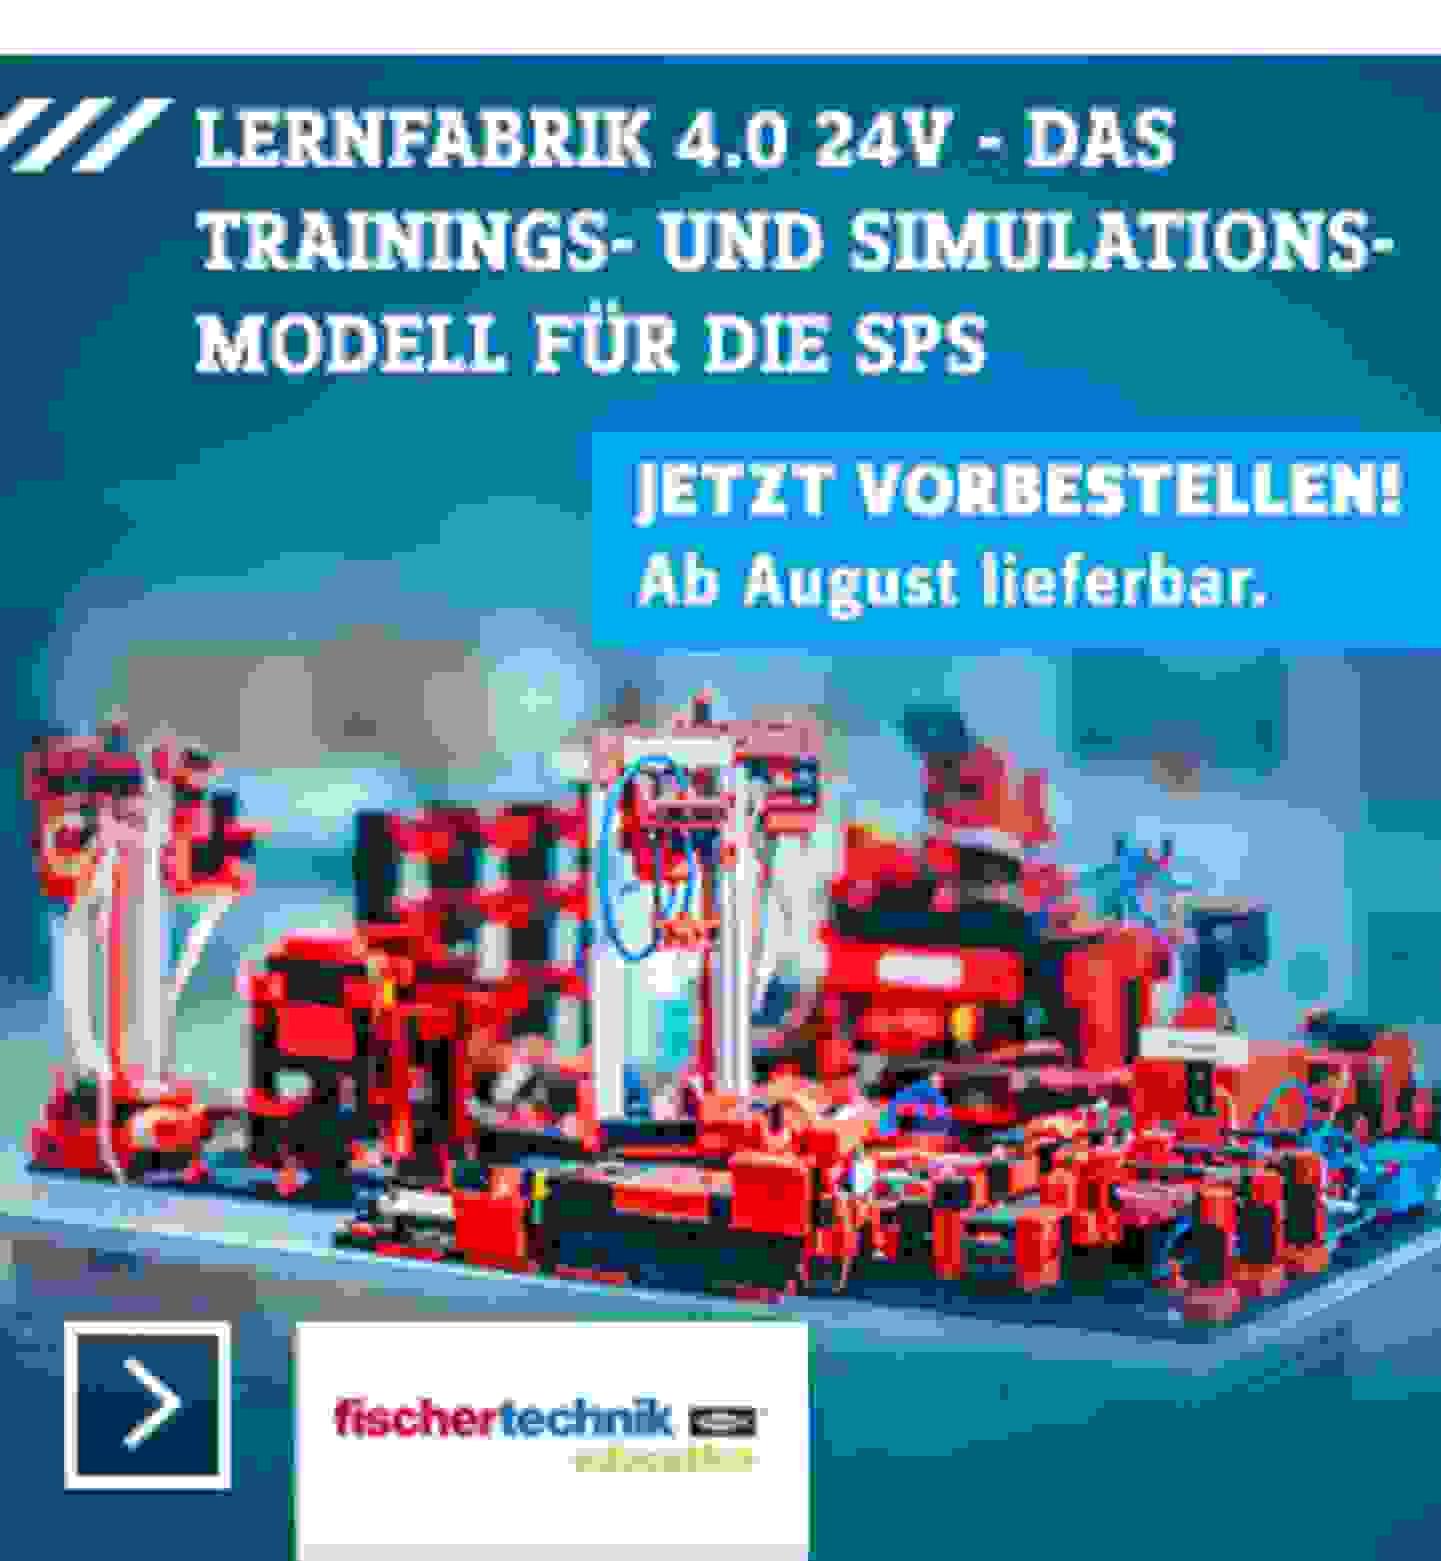 fischertechnik education Lernfabrik 4.0